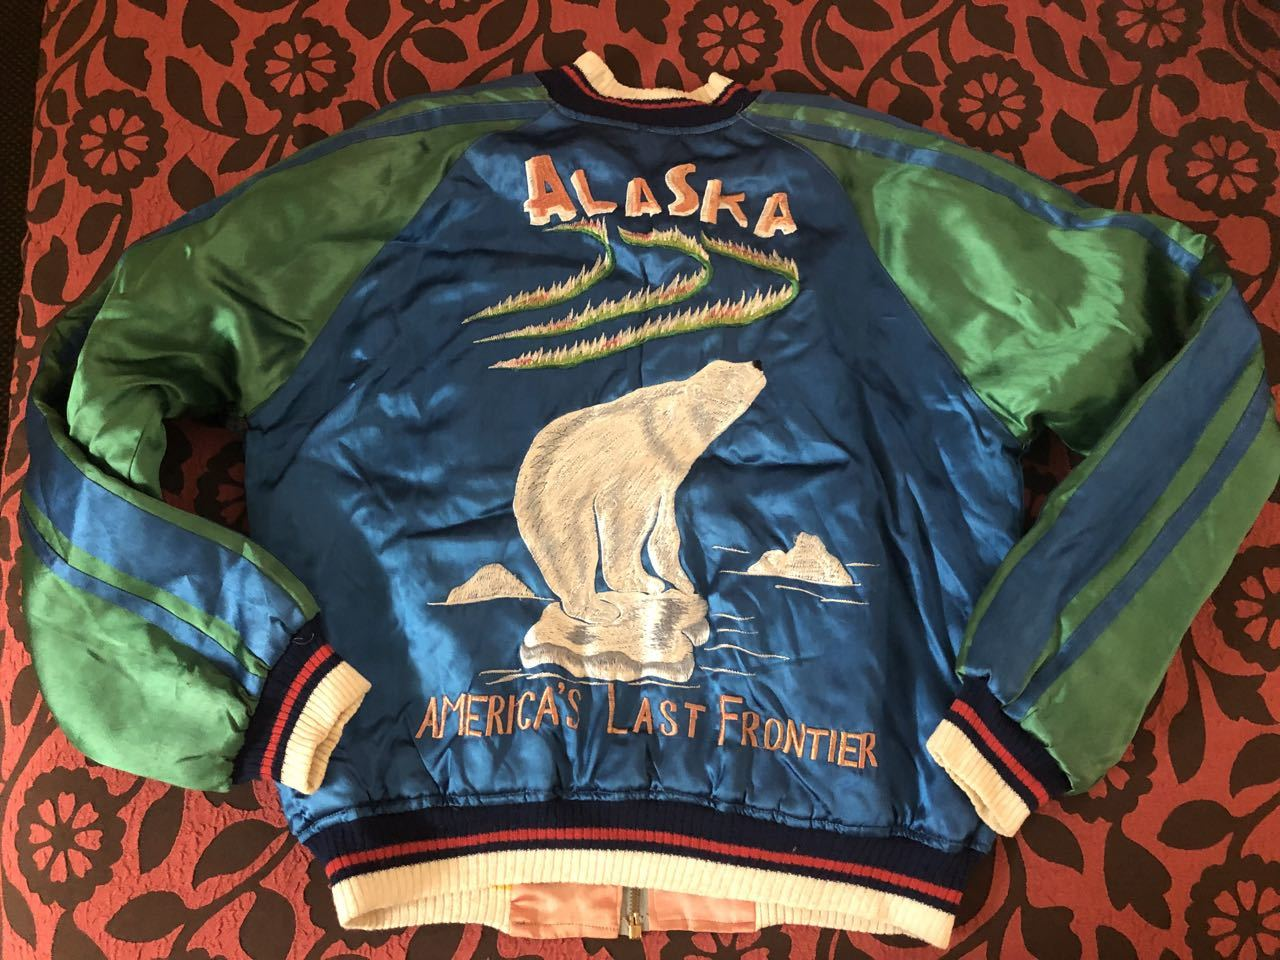 アメリカ仕入れ情報#51 50s ALASKA SOUVENIR ジャケット スカジャン!_c0144020_10015199.jpg